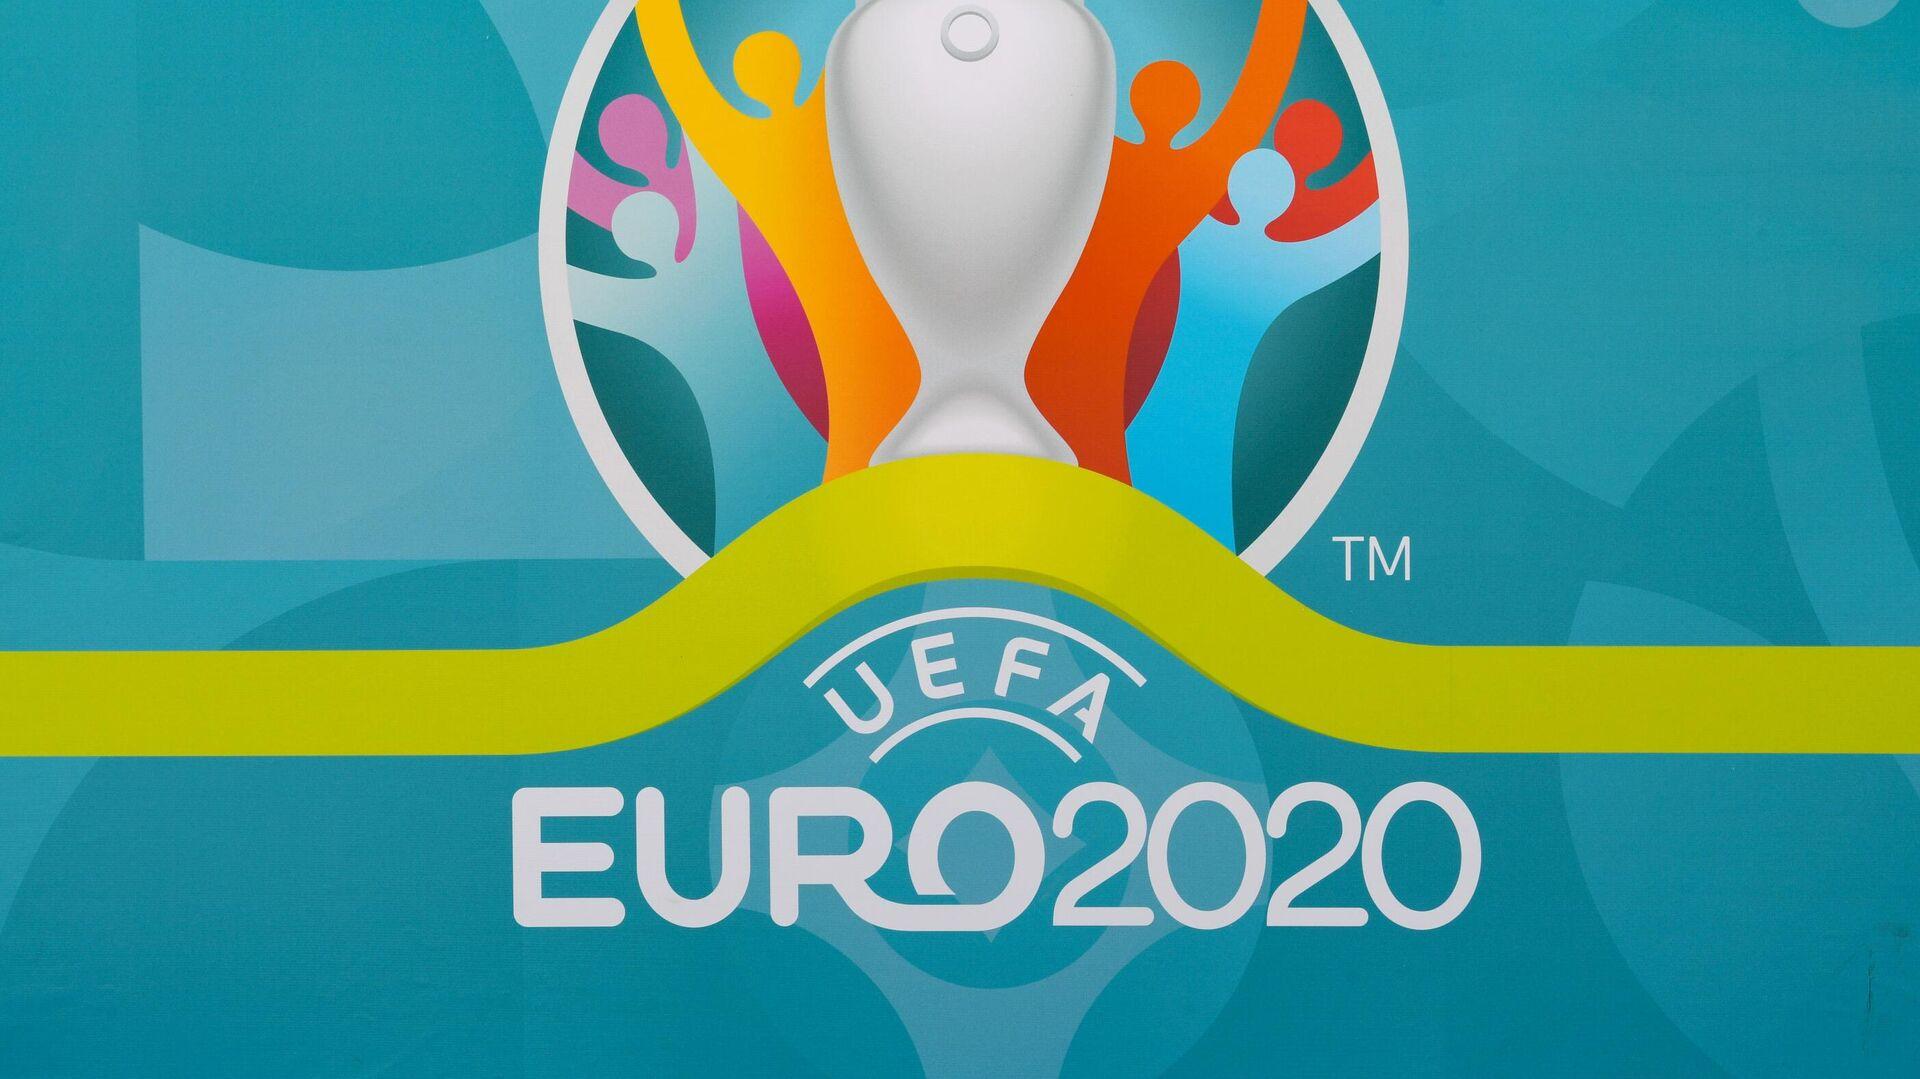 Логотип UEFA EURO 2020 в футбольной деревне фестиваля в Санкт-Петербурге - РИА Новости, 1920, 11.06.2021